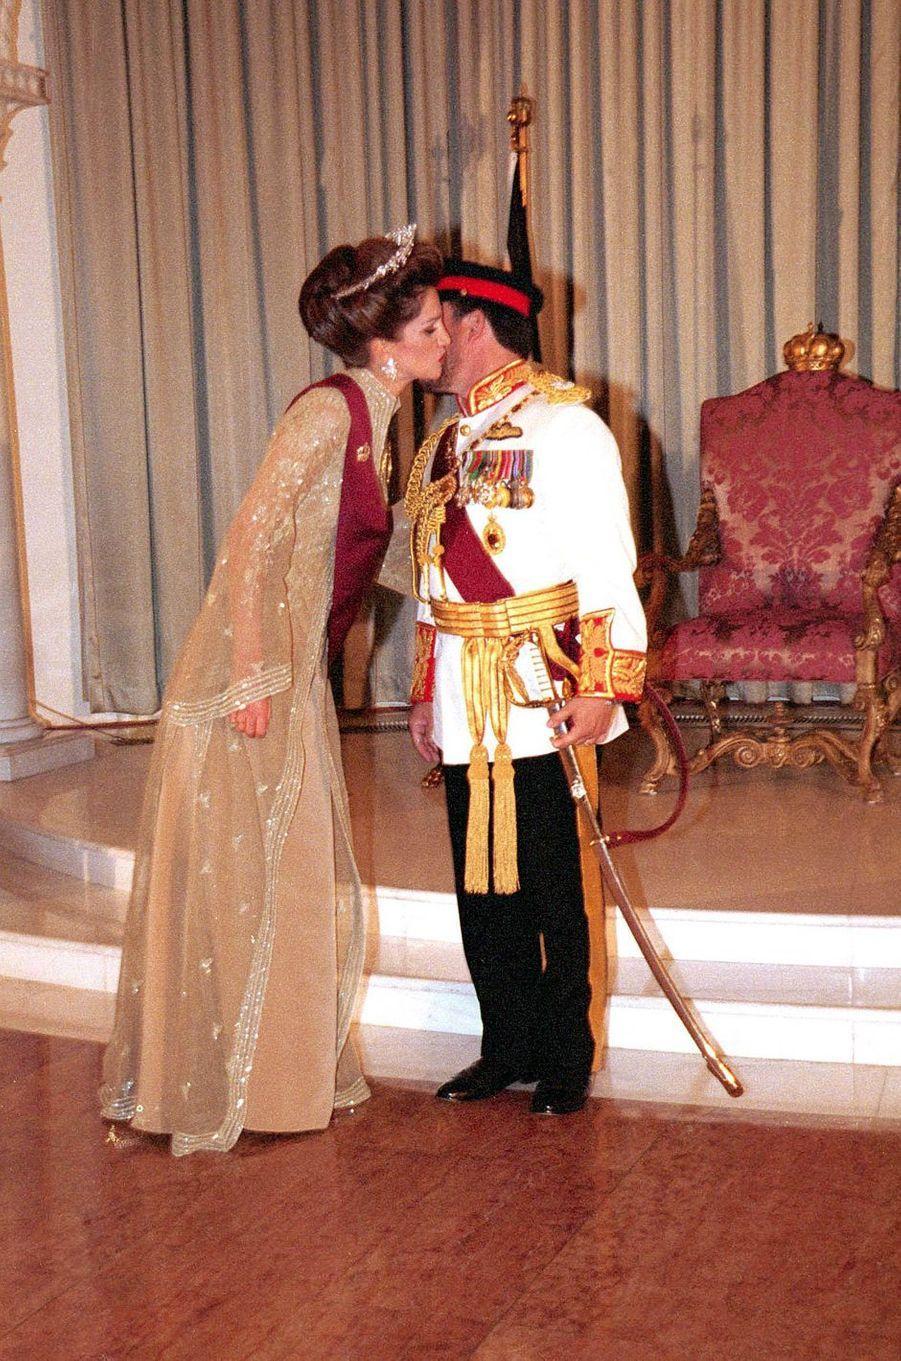 La reine Rania est décorée par son époux le roi Abdallah II de Jordanie à Amman, le 9 juin 1999